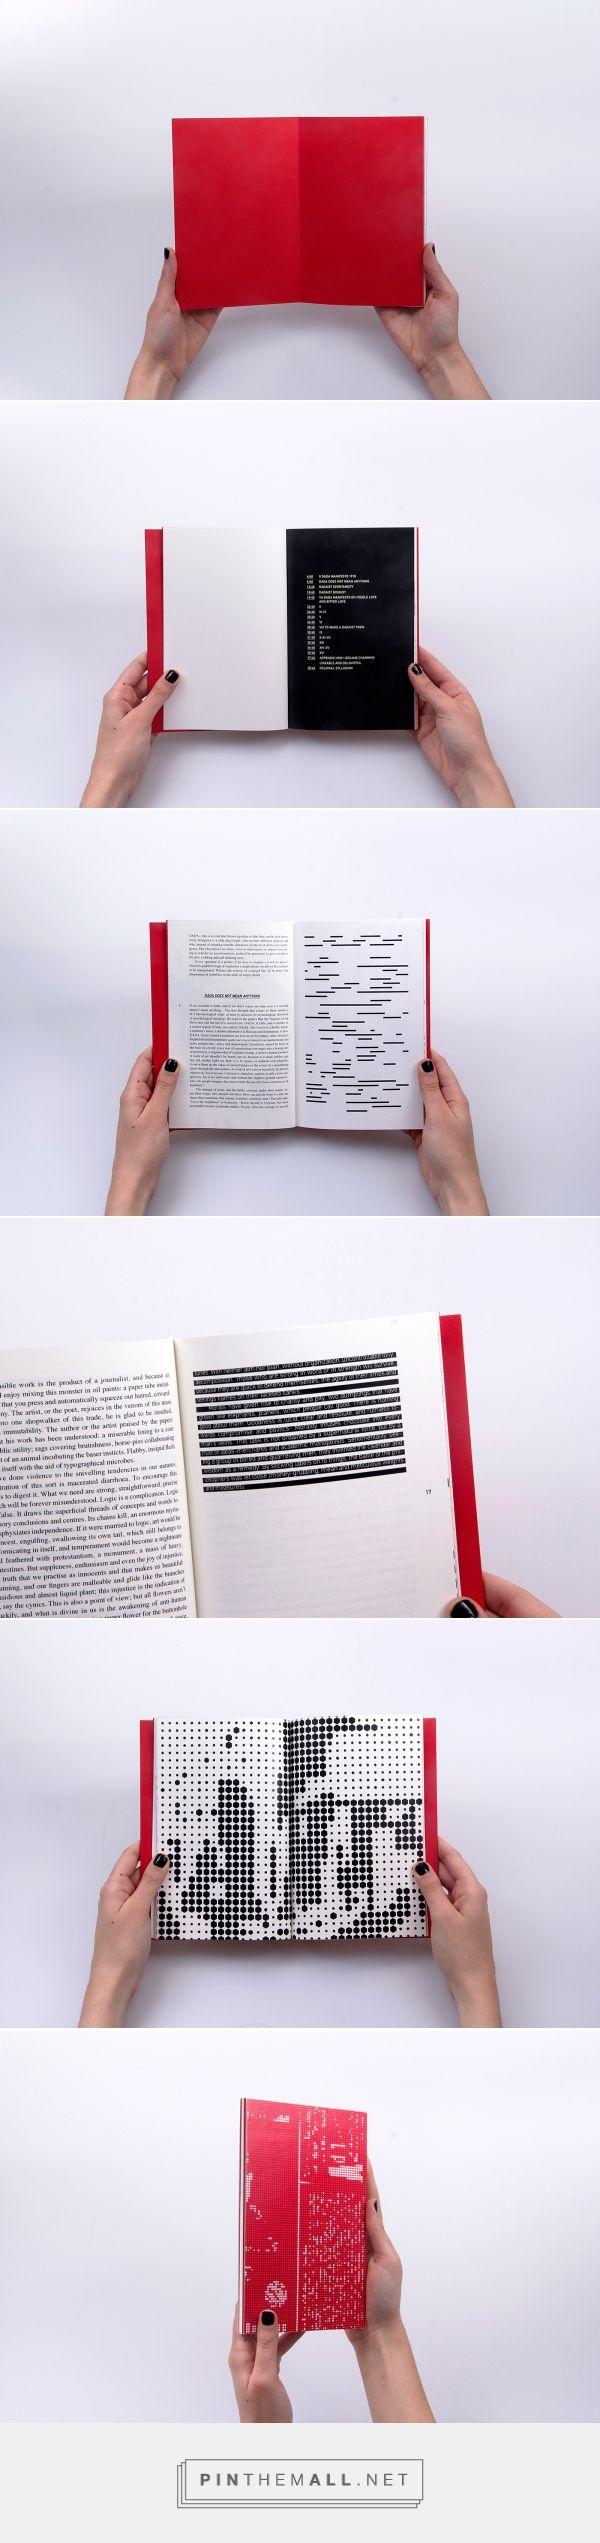 Six Dada Manifestos by George Tsavalos